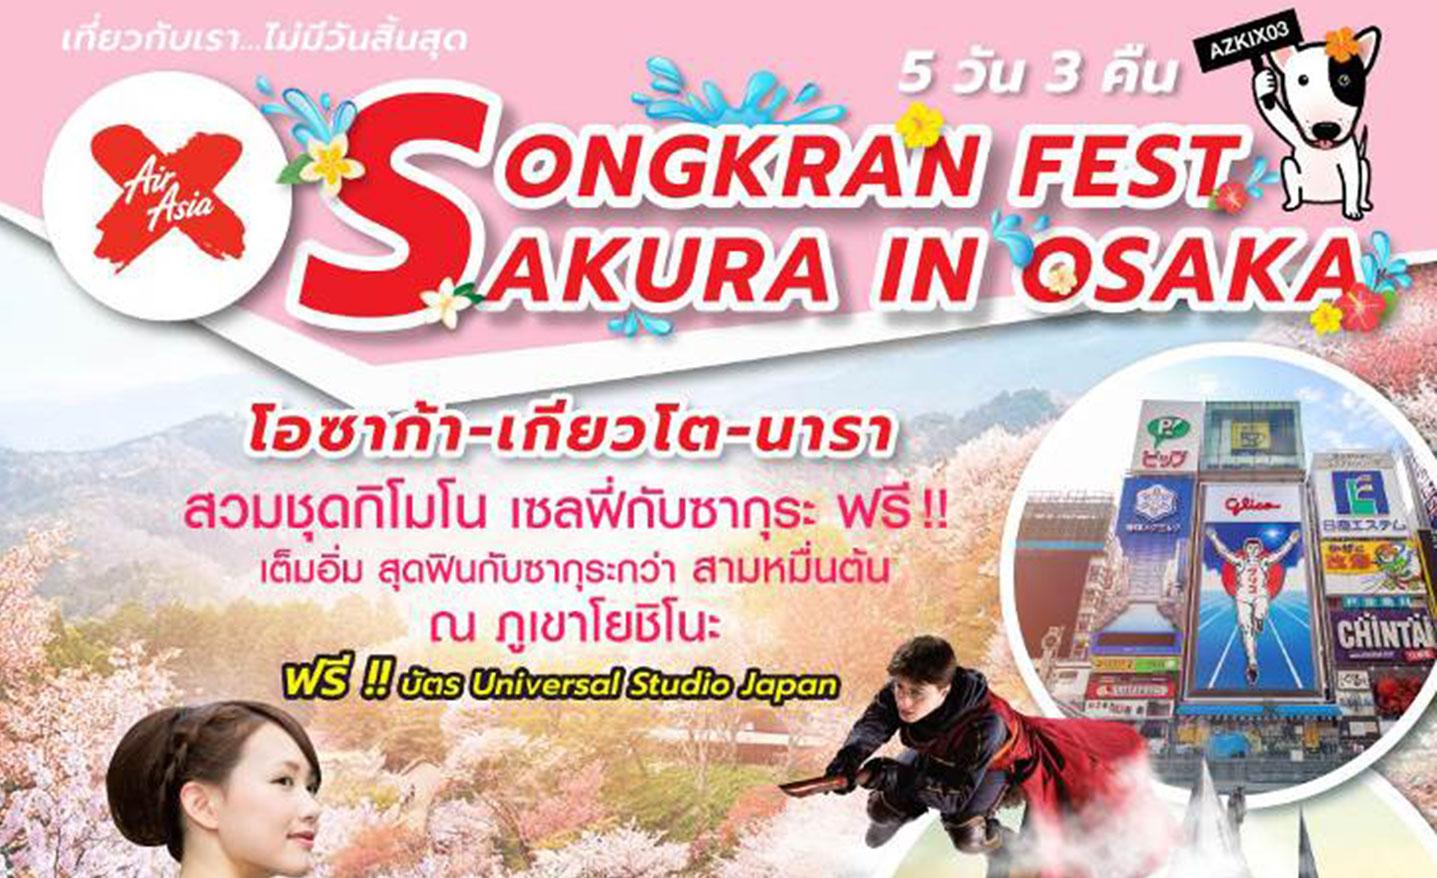 ทัวร์ญี่ปุ่น Songkran Fest Sakura In Osaka (พีเรียดสงกรานต์)